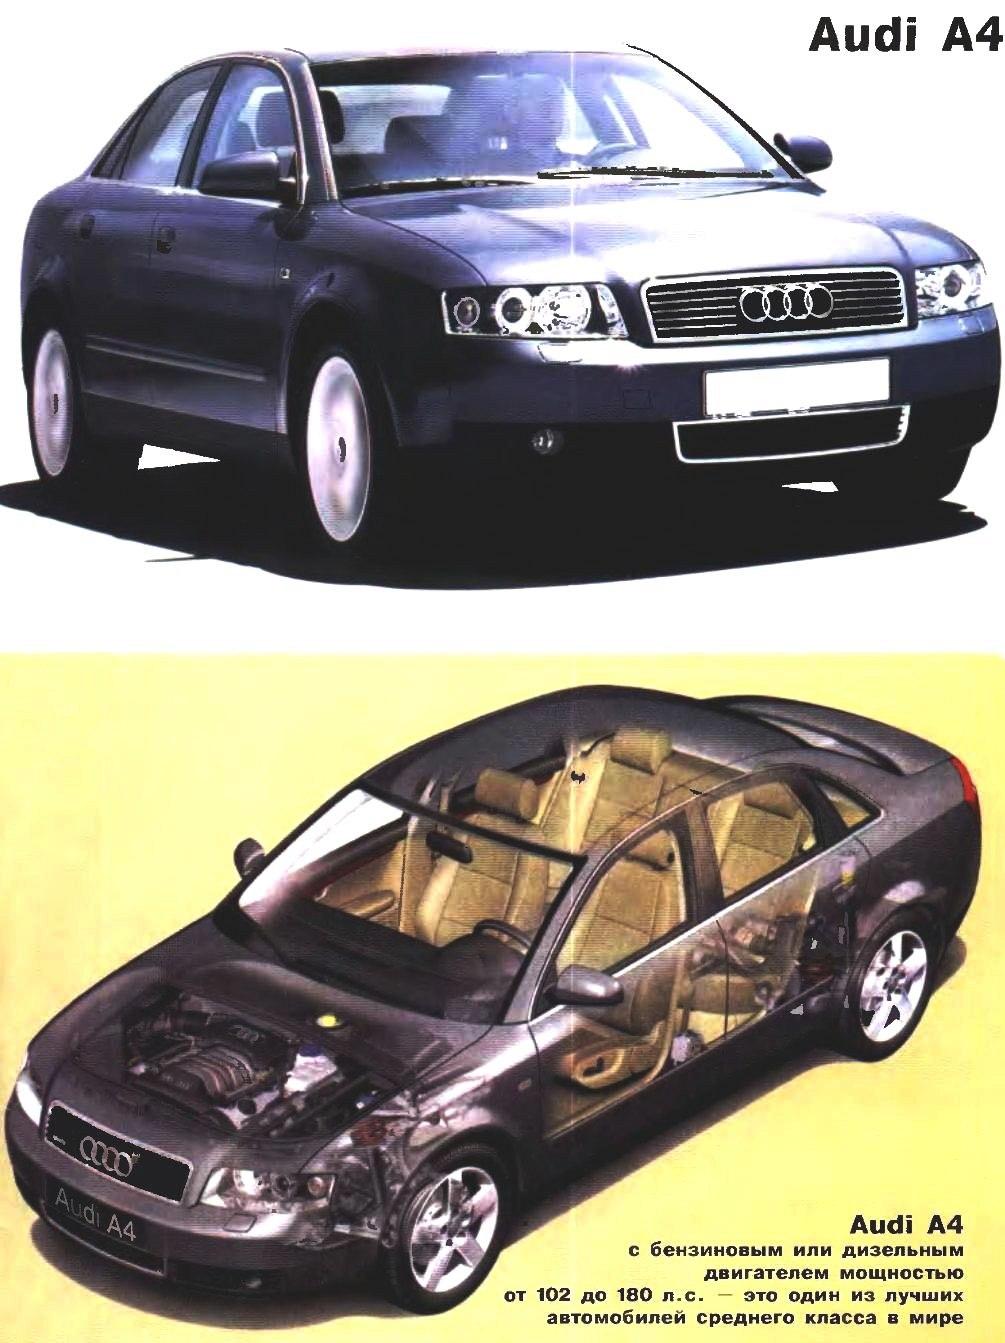 Автомобиль среднего класса AUDI A4